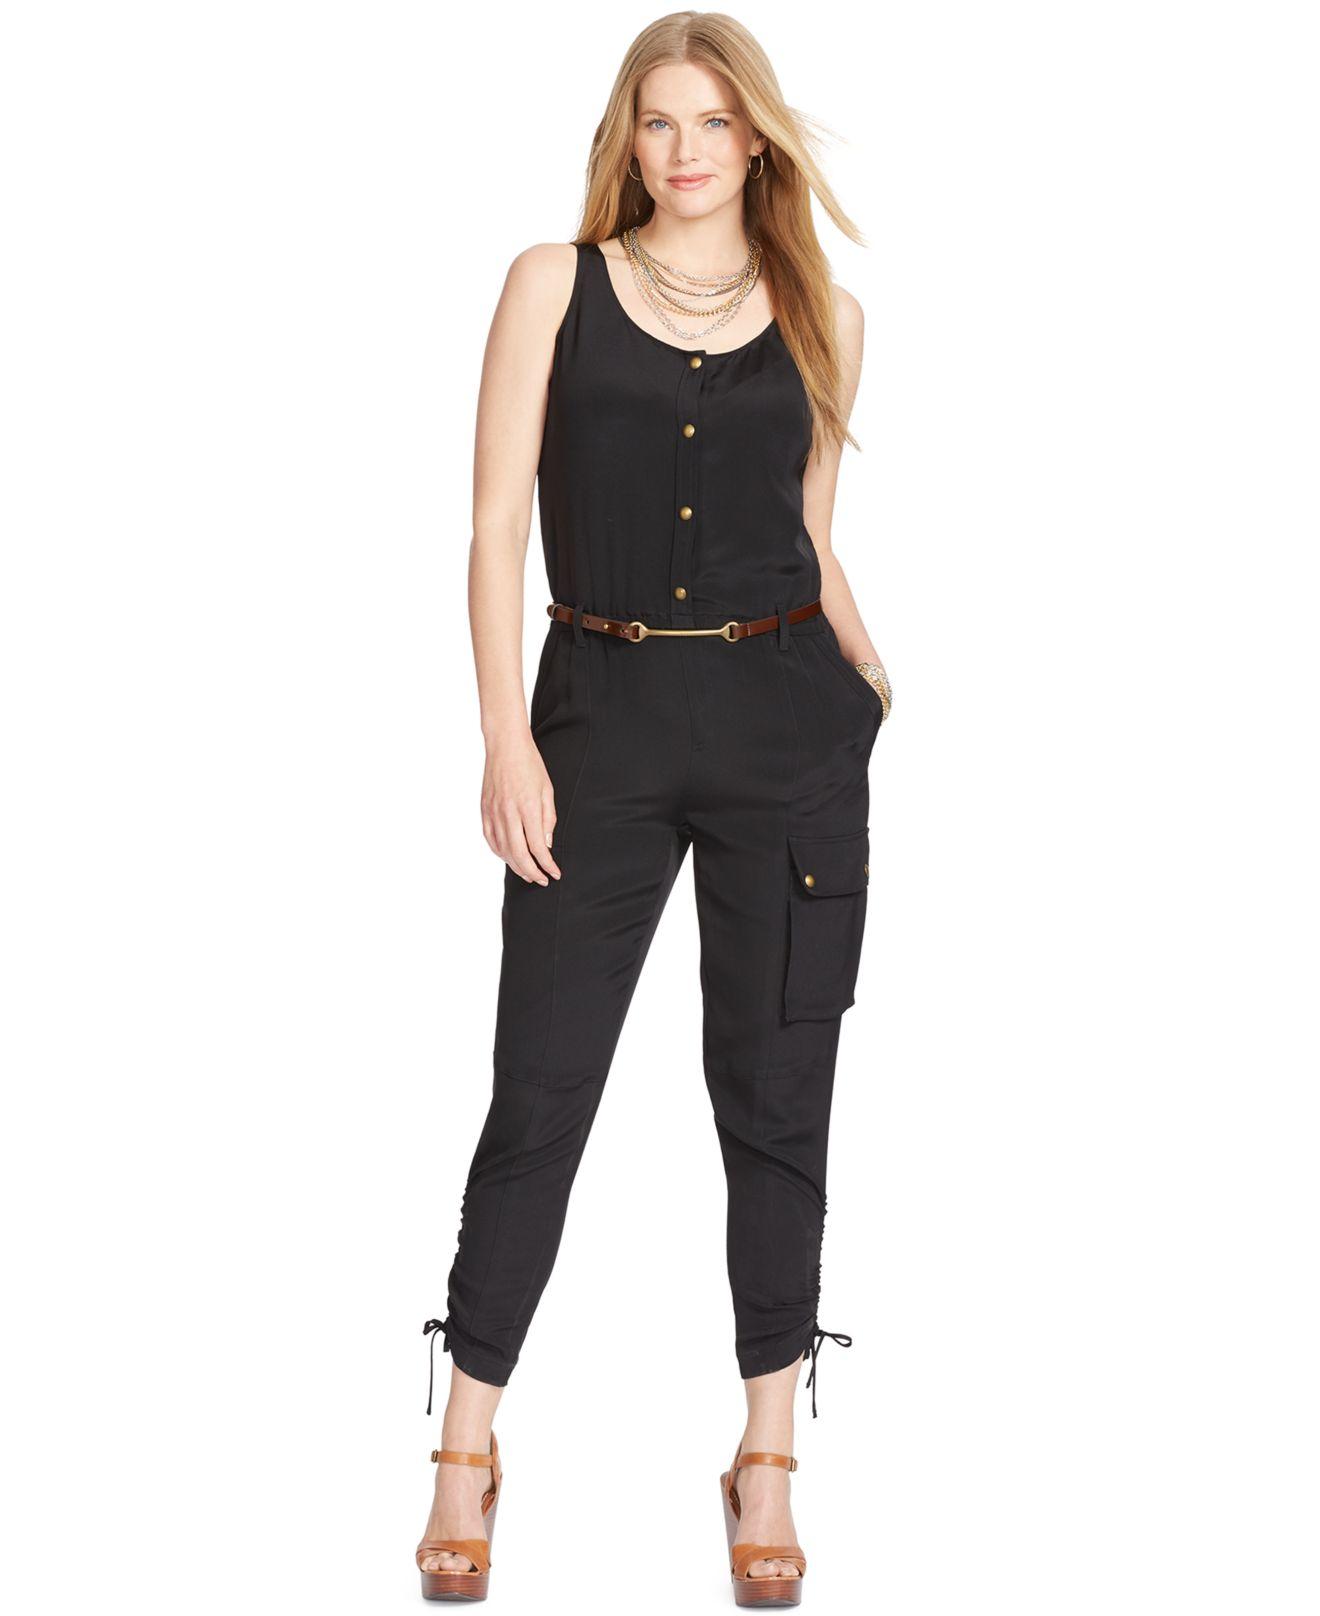 7bc1a9b6f1c4 Lauren by Ralph Lauren Plus Size Snap-Front Jumpsuit in Black - Lyst